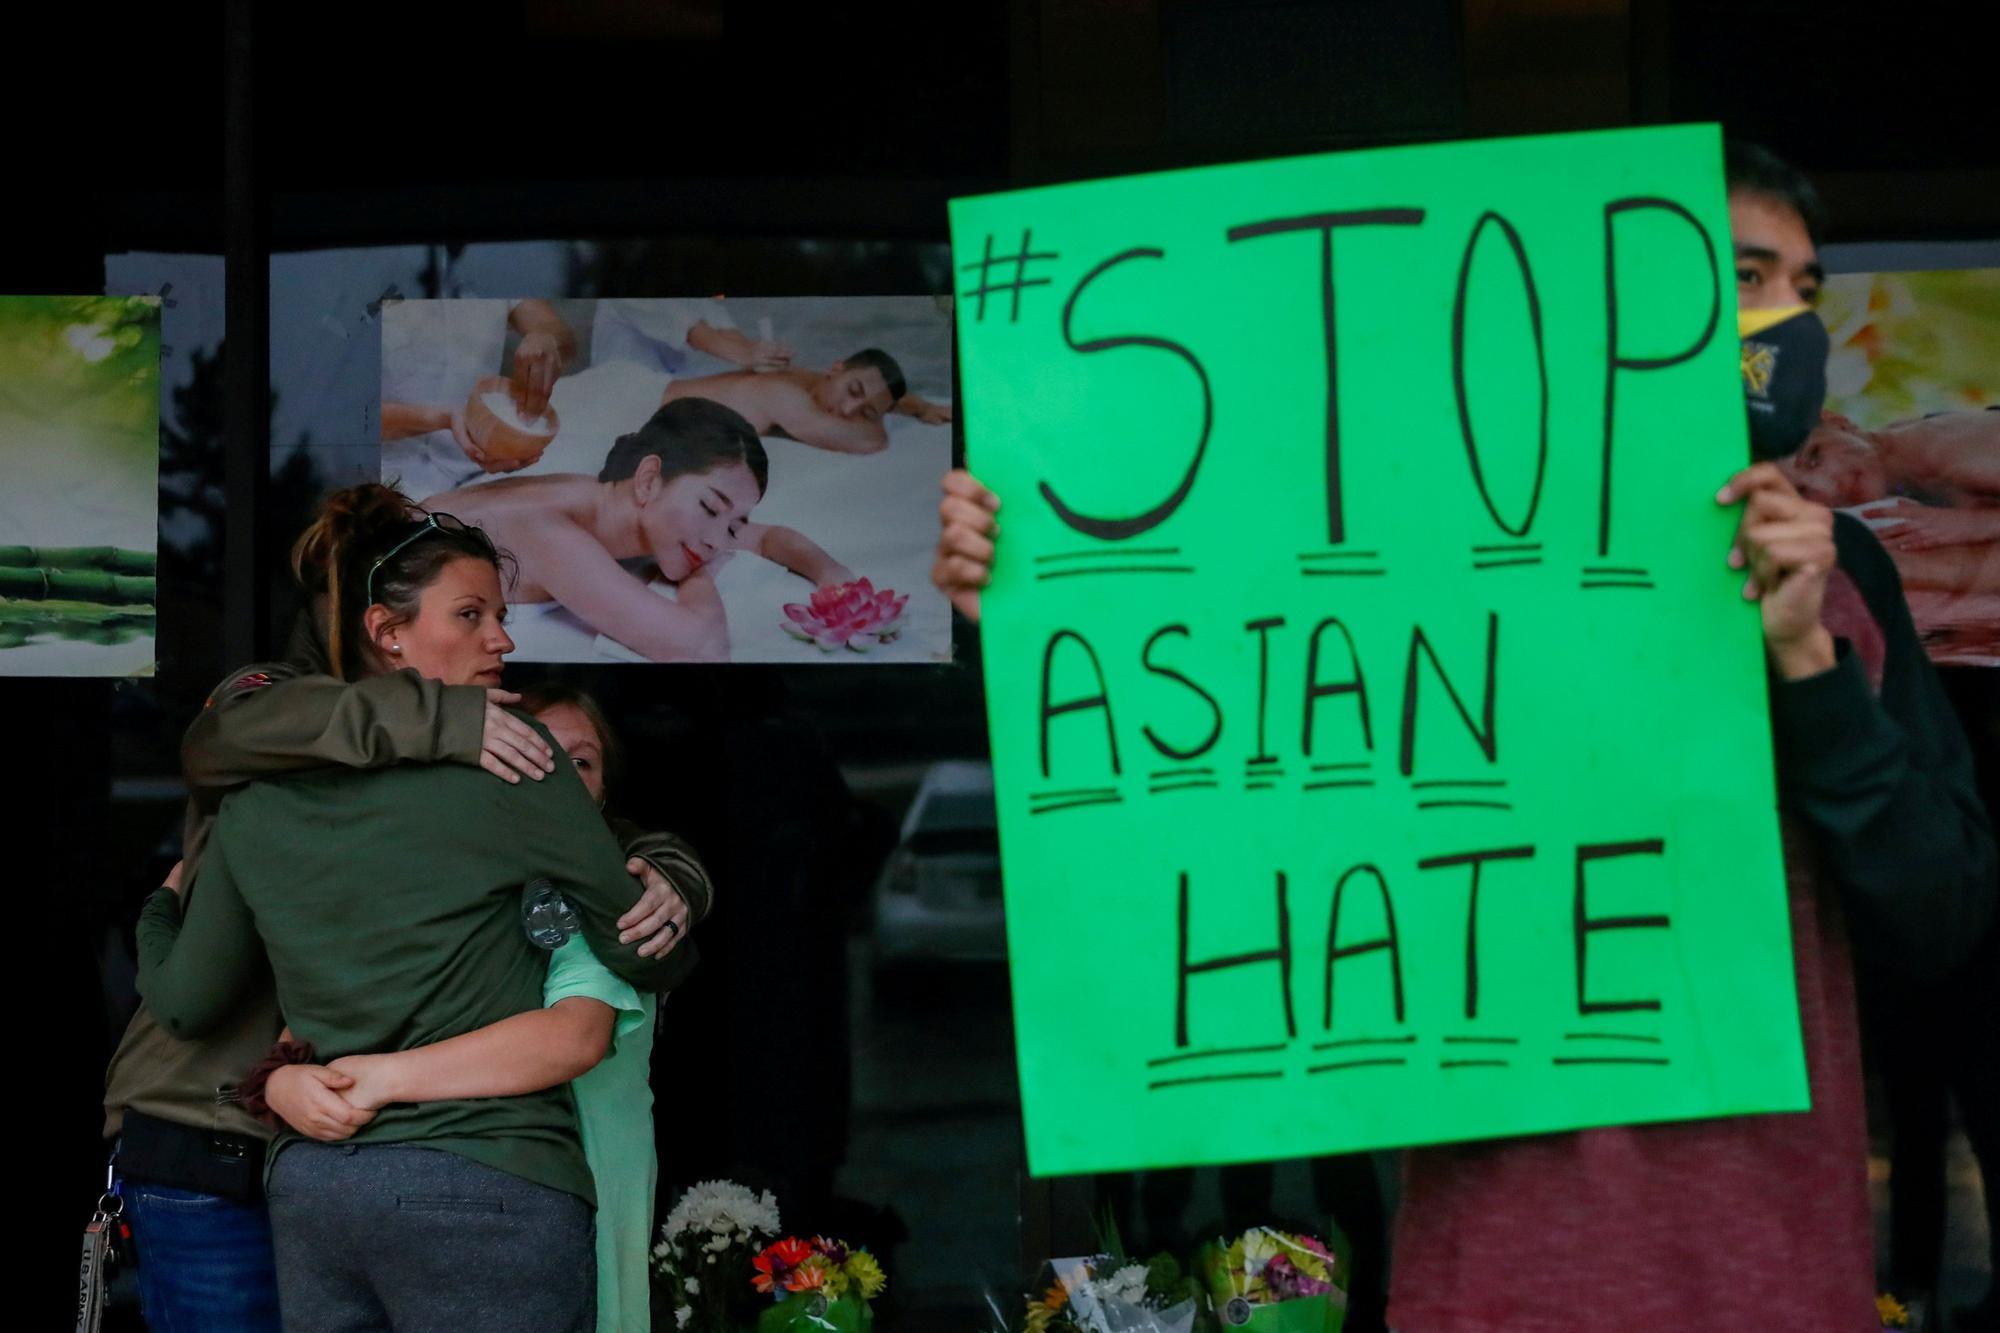 Un joven sostiene un cartel en repulsa al odio despertado hacia la comunidad asiática tras una serie de tiroteos en Atlanta